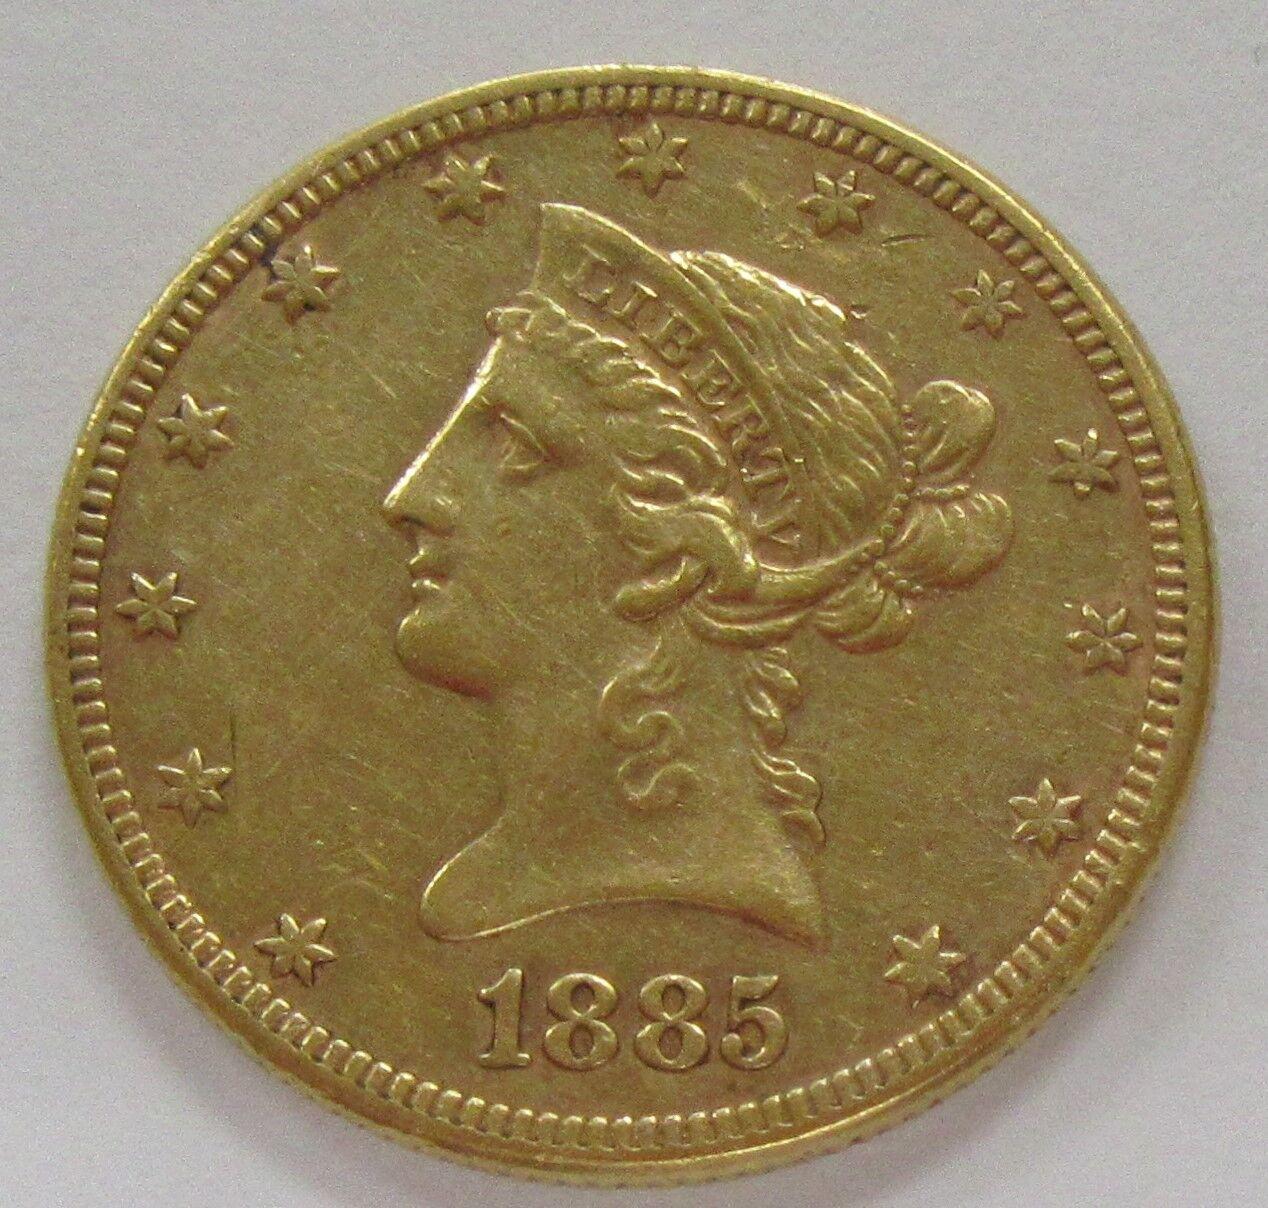 1885 Us Gold Liberty 10 Dollar Old Us 10 Gold Bullion Coin Shopnetone